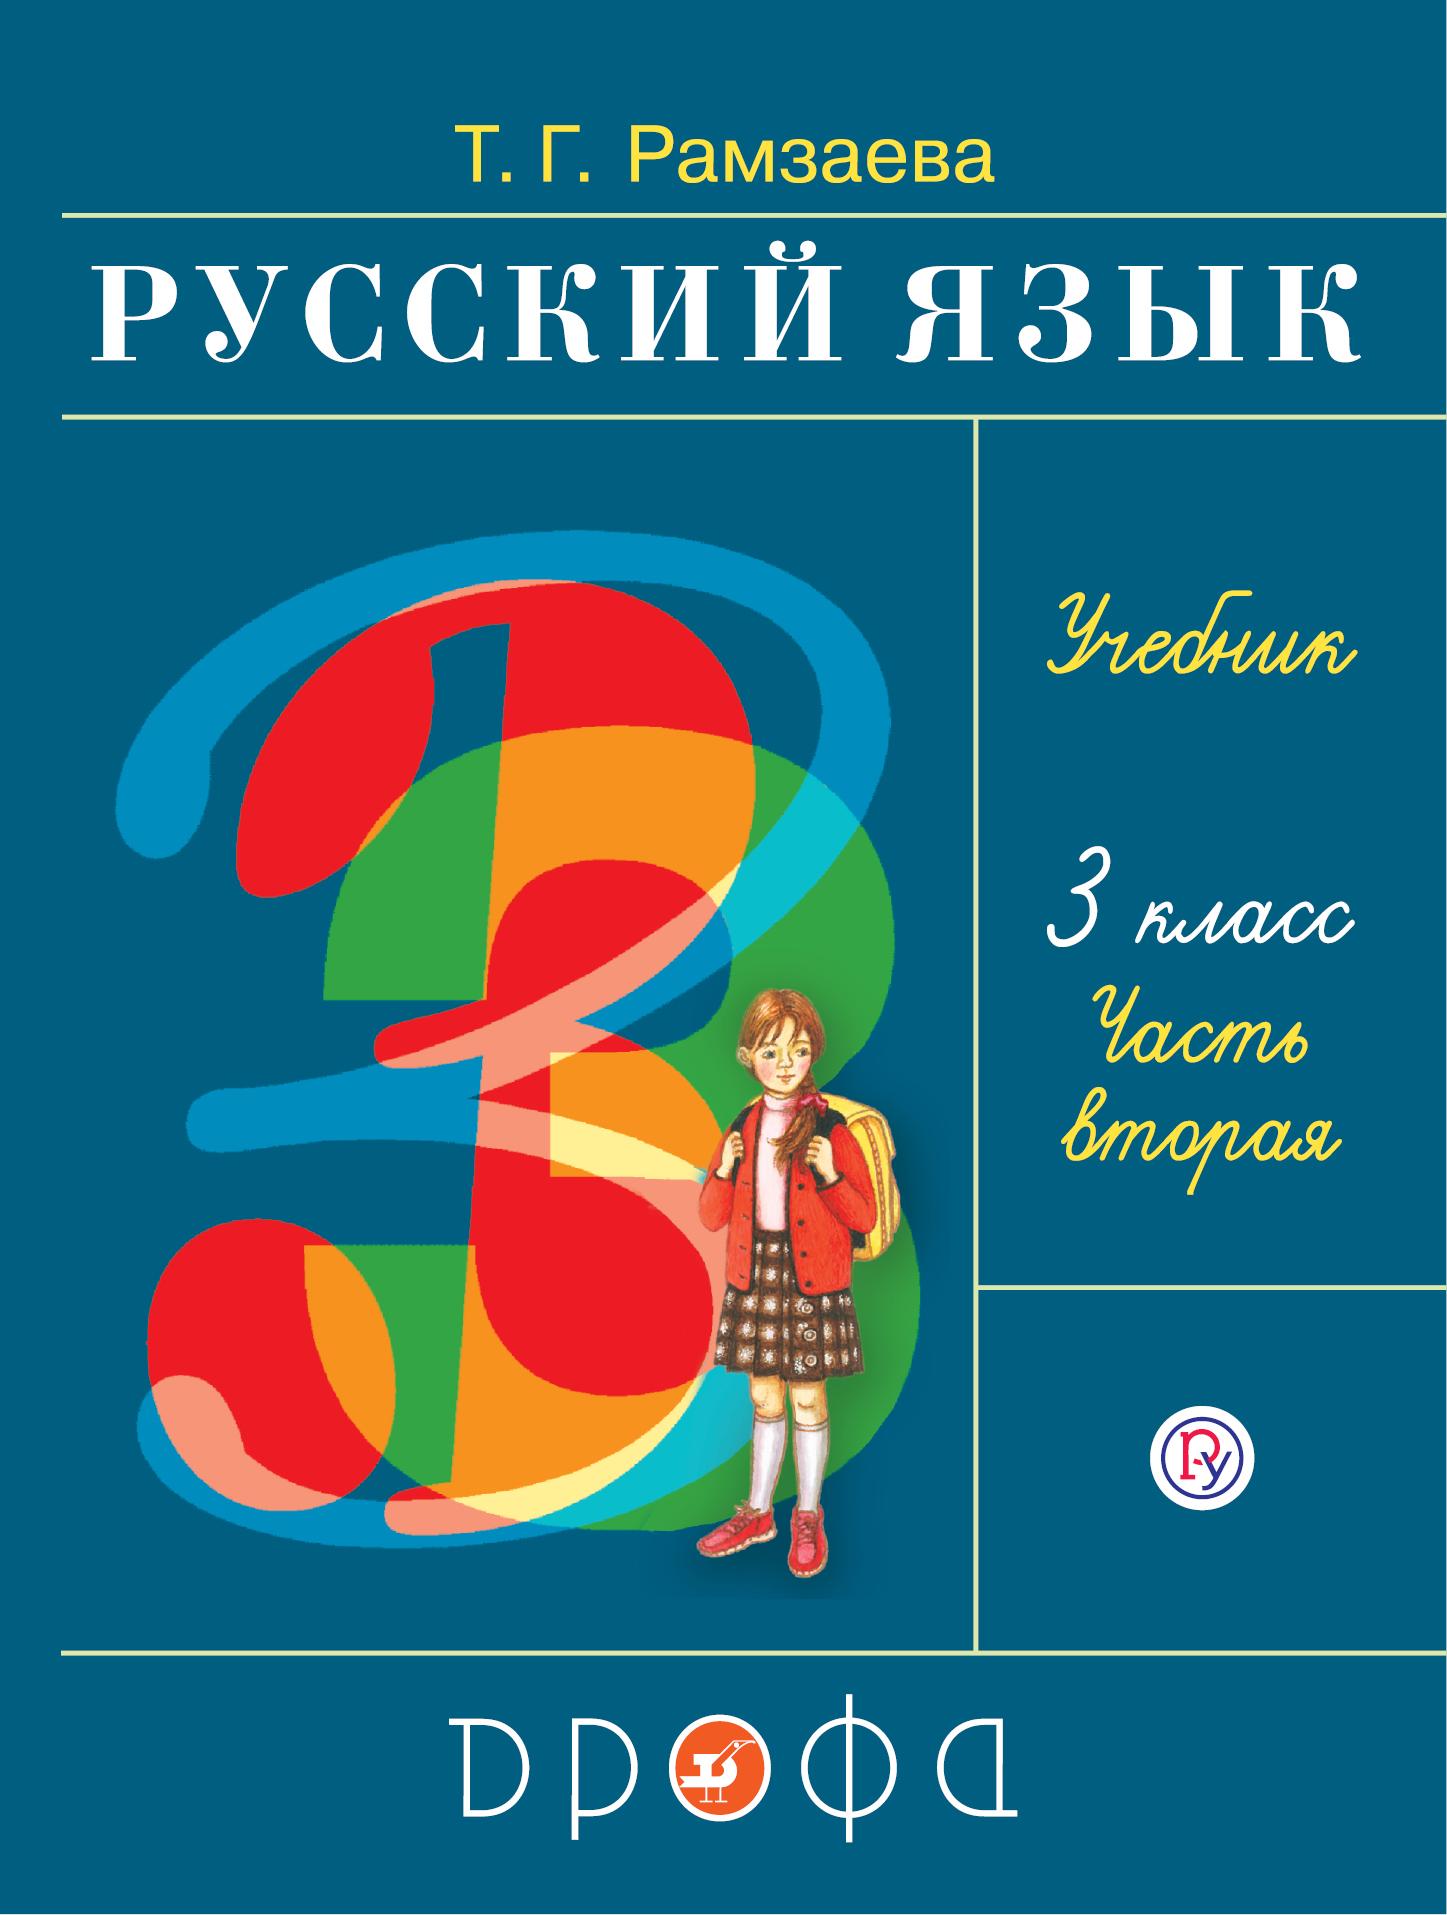 Т. Г. Рамзаева Русский язык. 3 класс. Часть 2 чтение на лето переходим в 3 й класс 4 е издание исправленное и переработанное